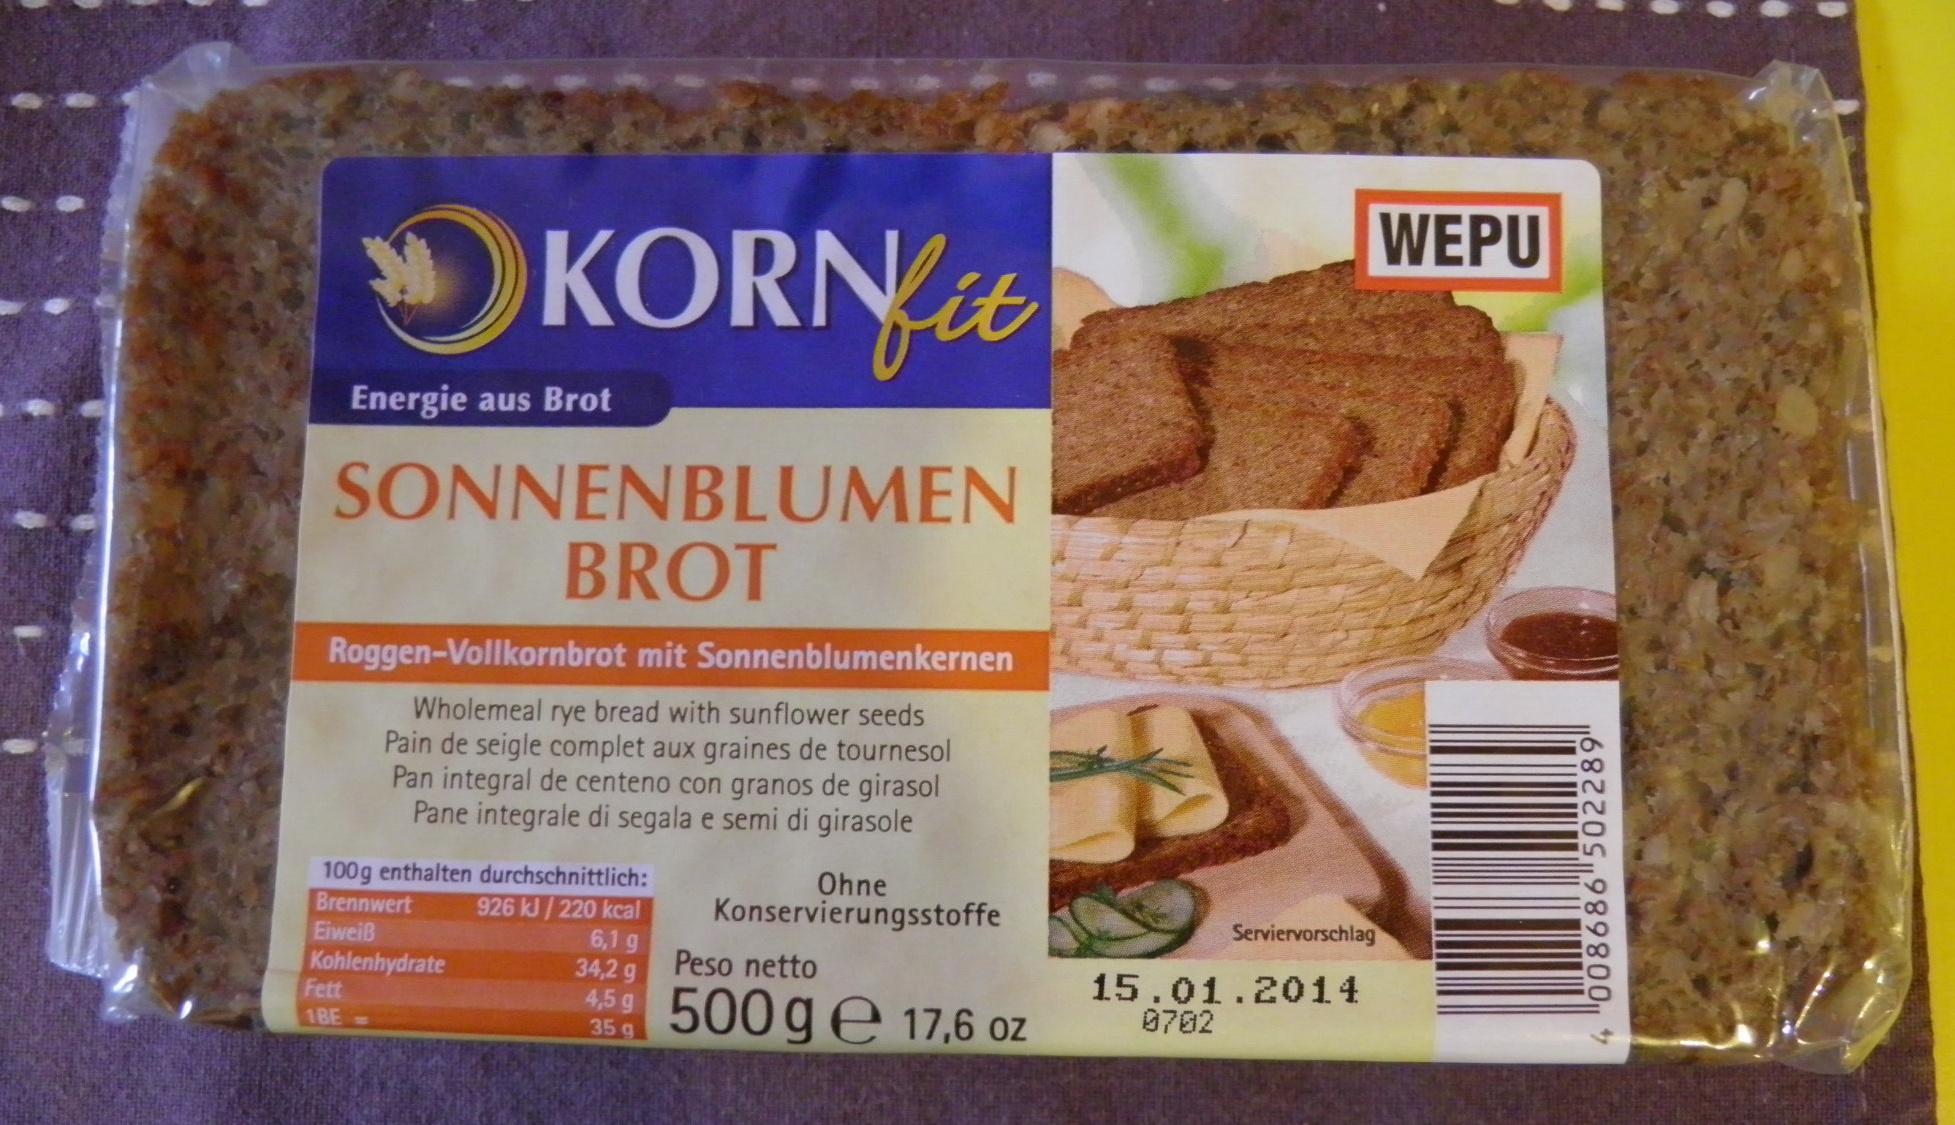 Sonnenblumen Brot - Product - fr